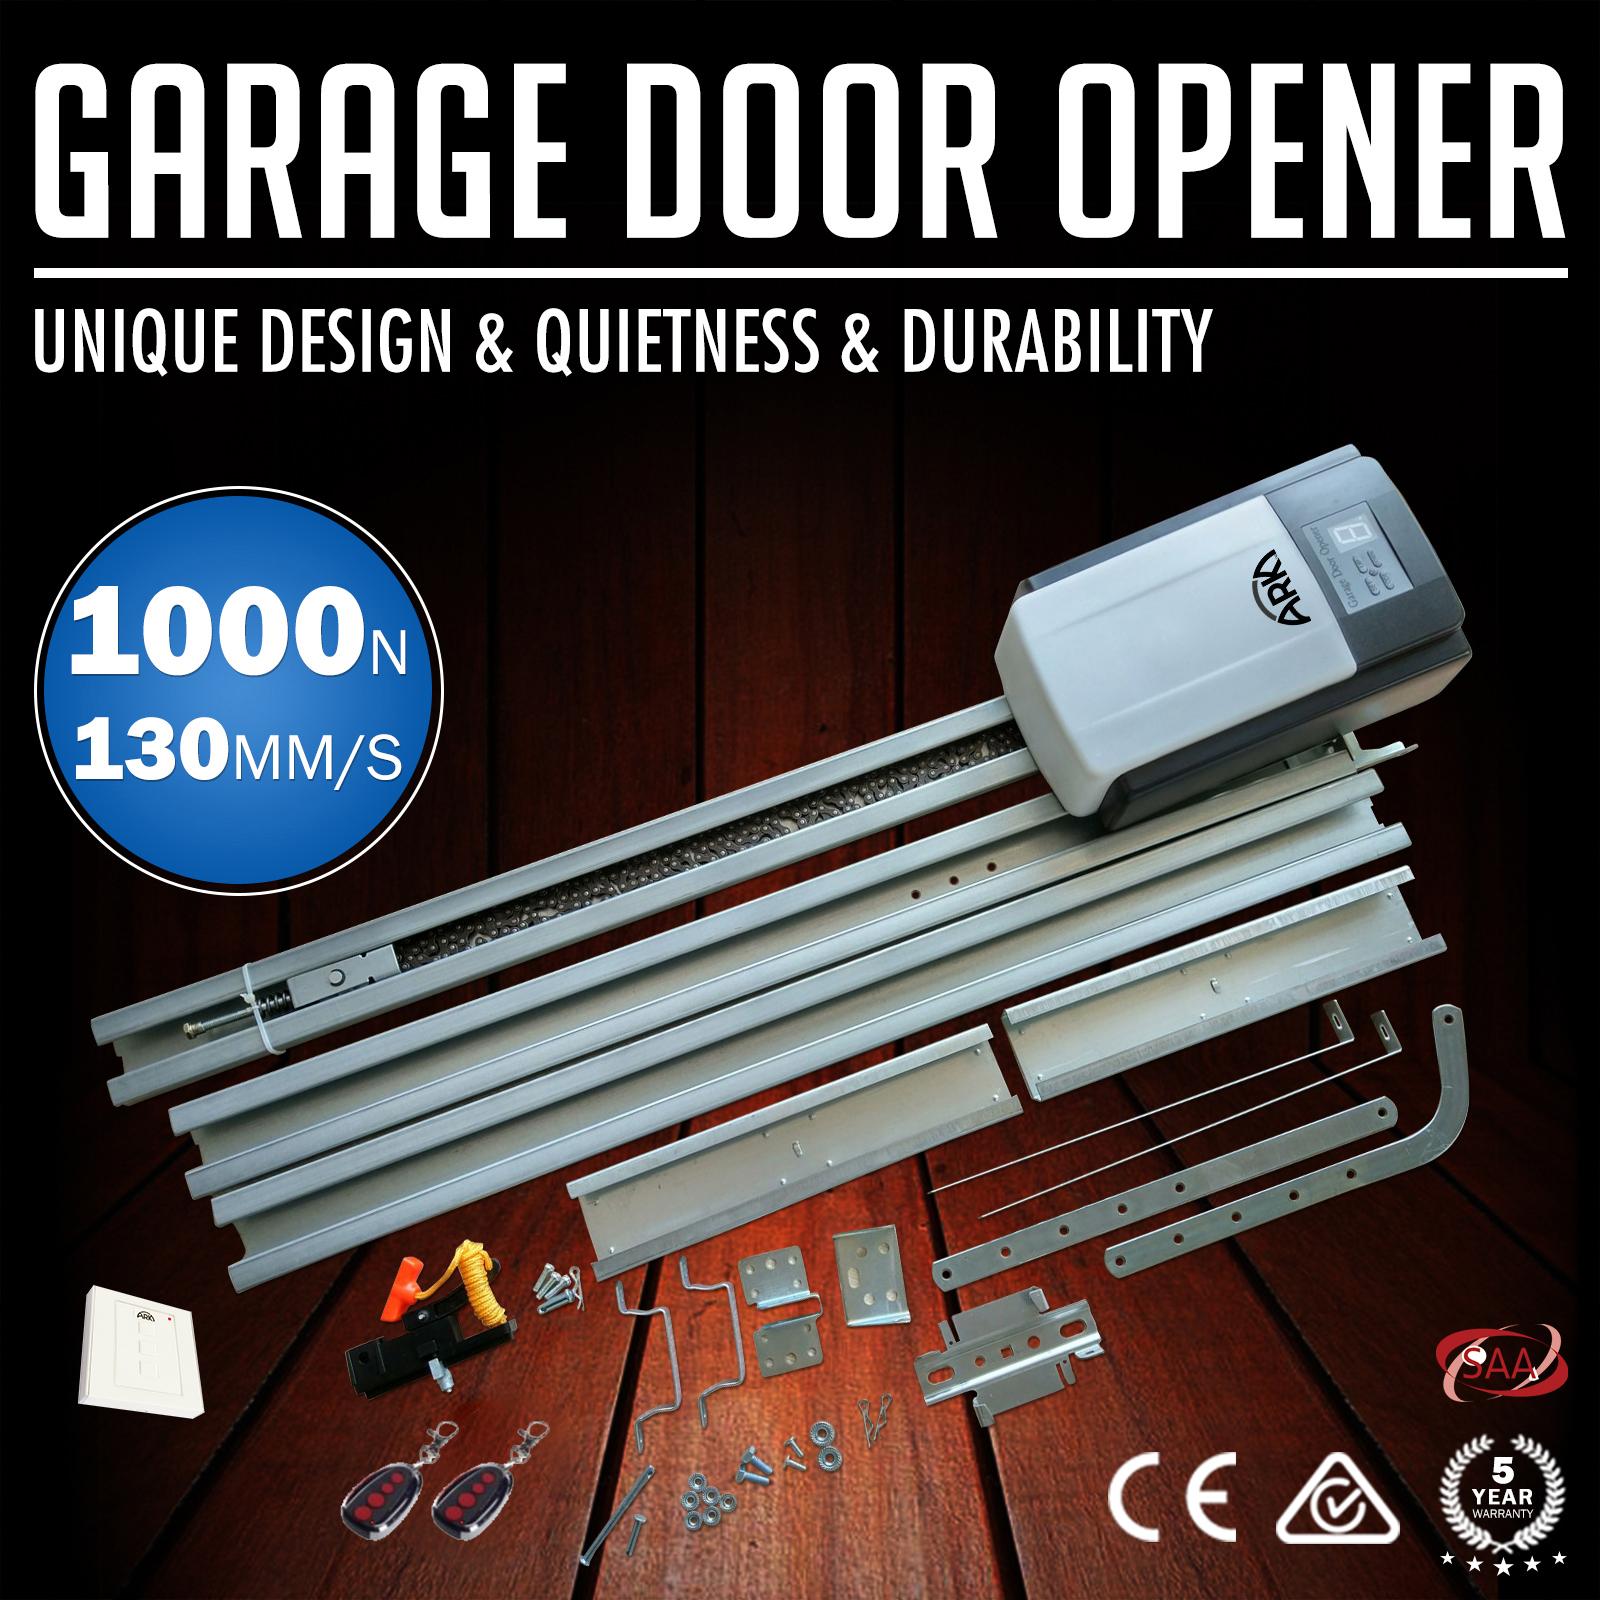 New ark sectional garage door opener motor electric tilt for Garage door opener motor runs but door does not open